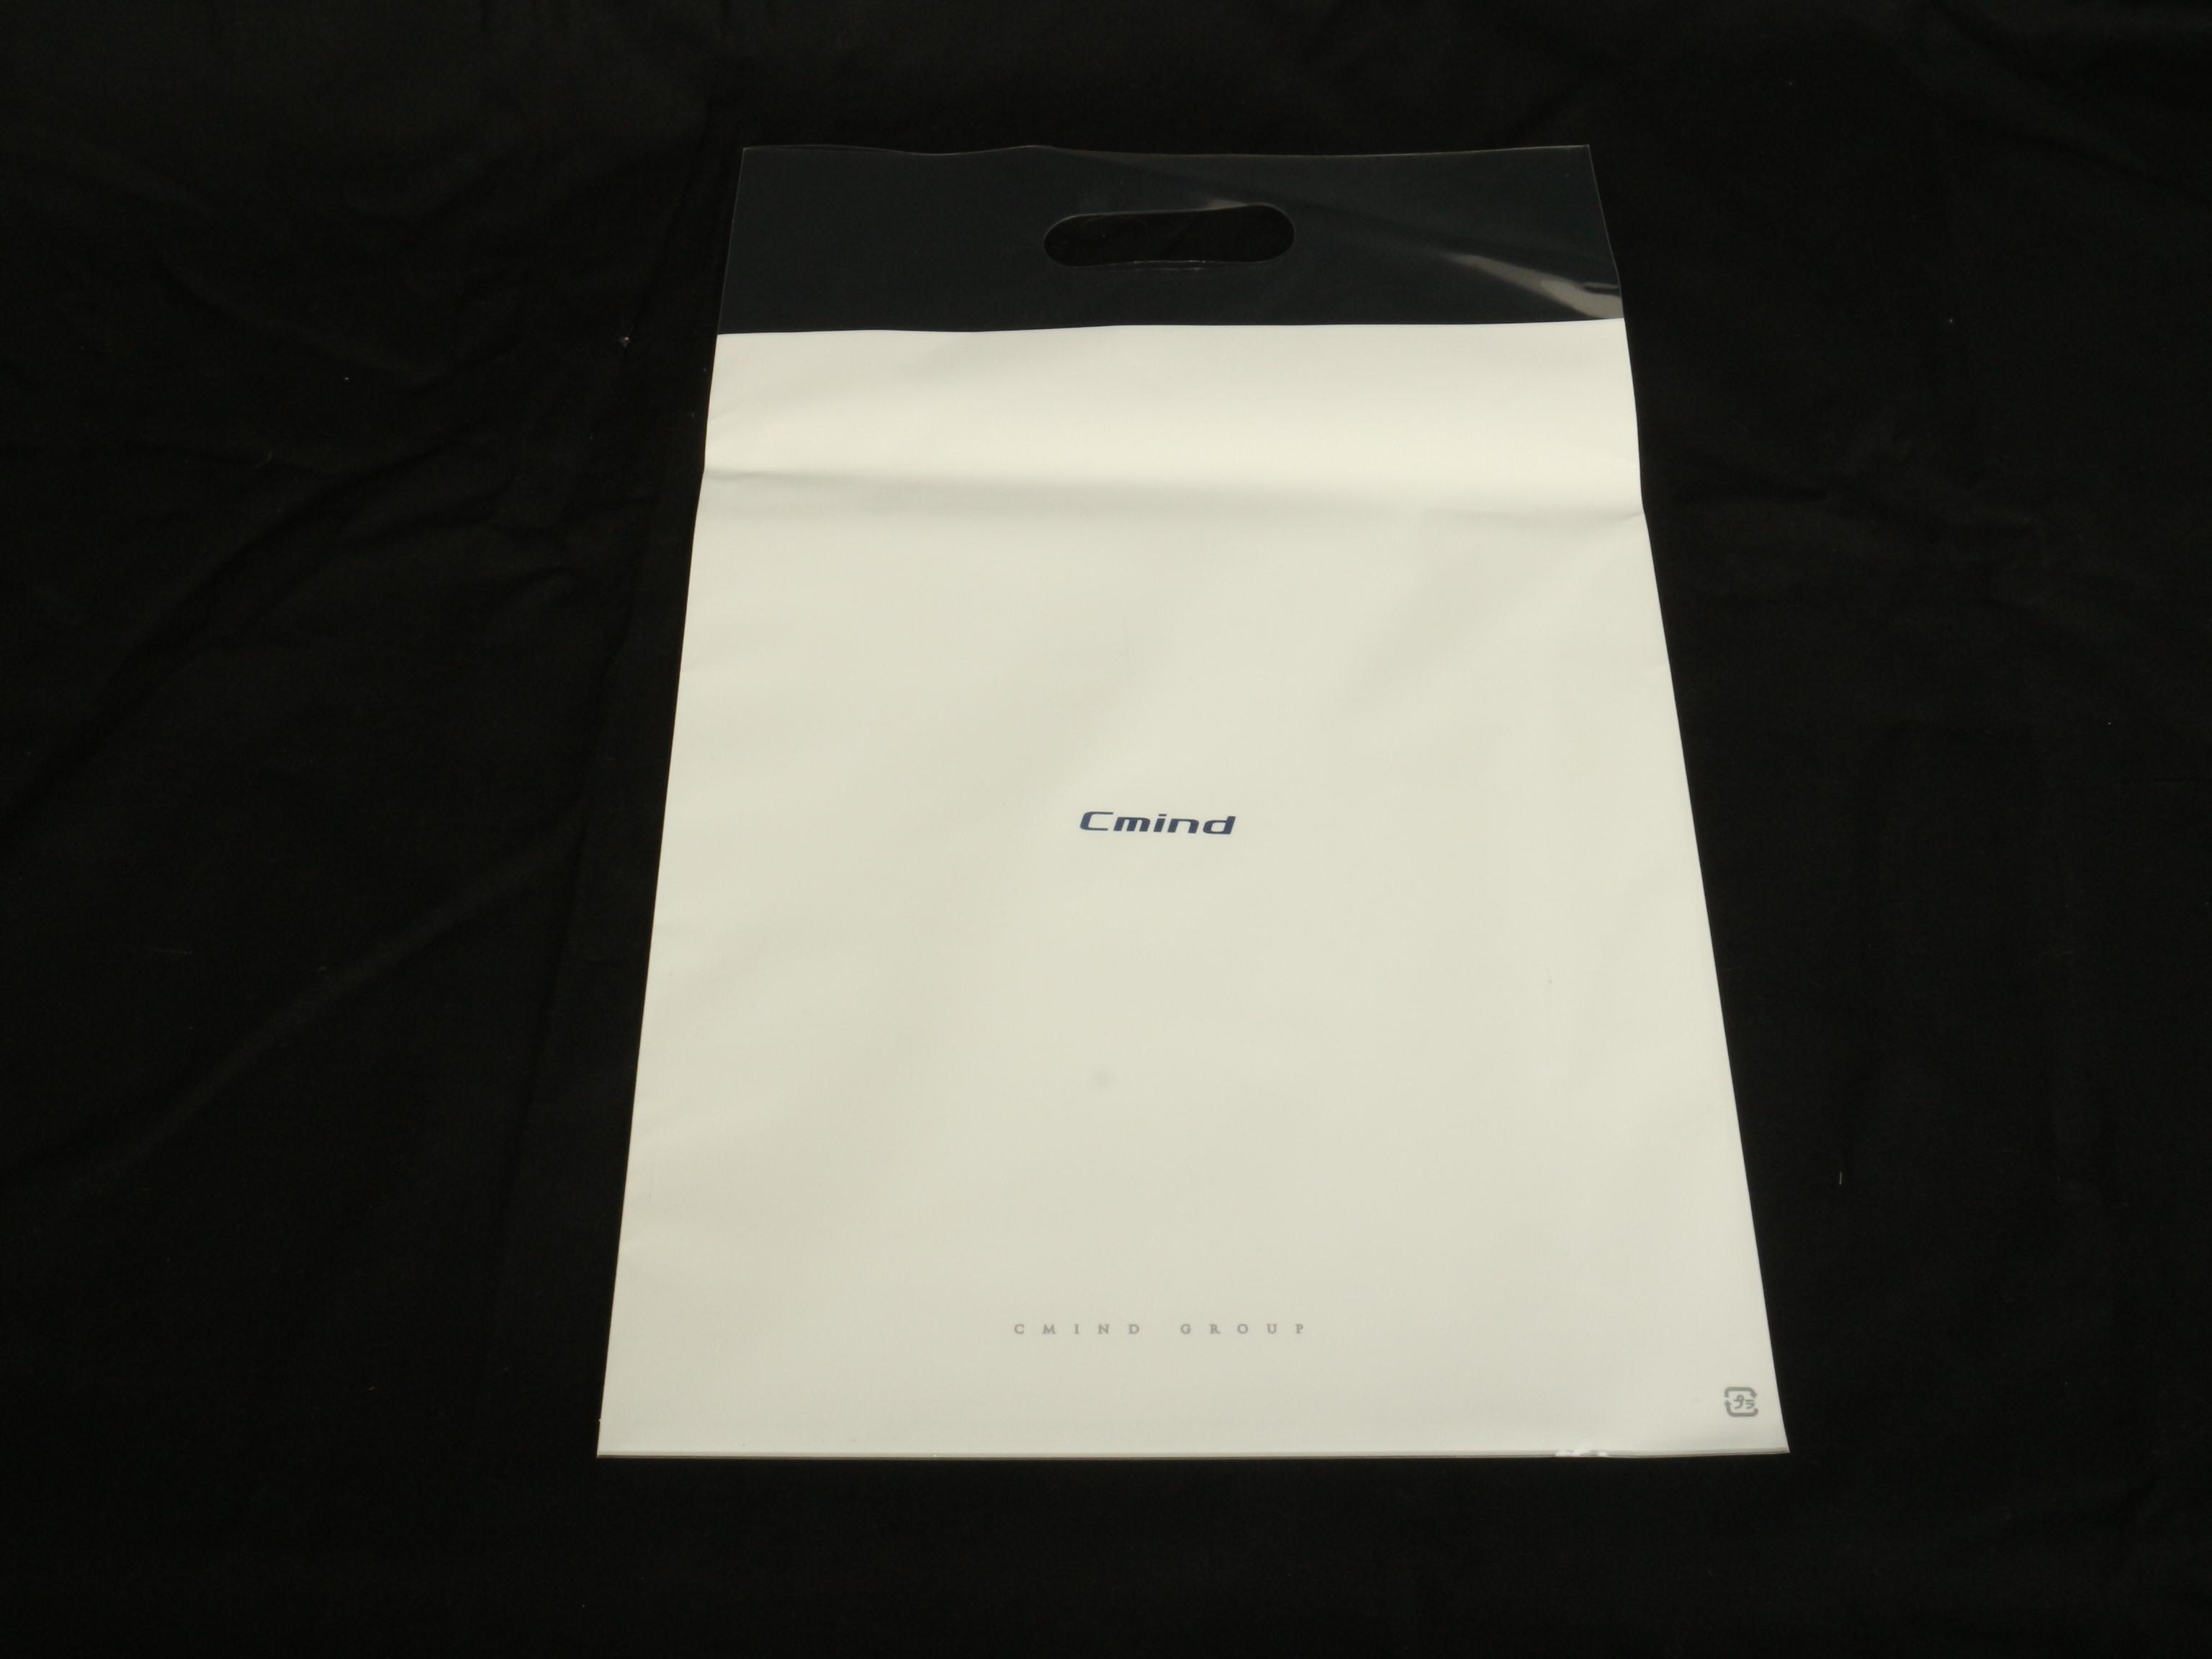 オフィスソリューション関連企業様のオリジナルポリ袋